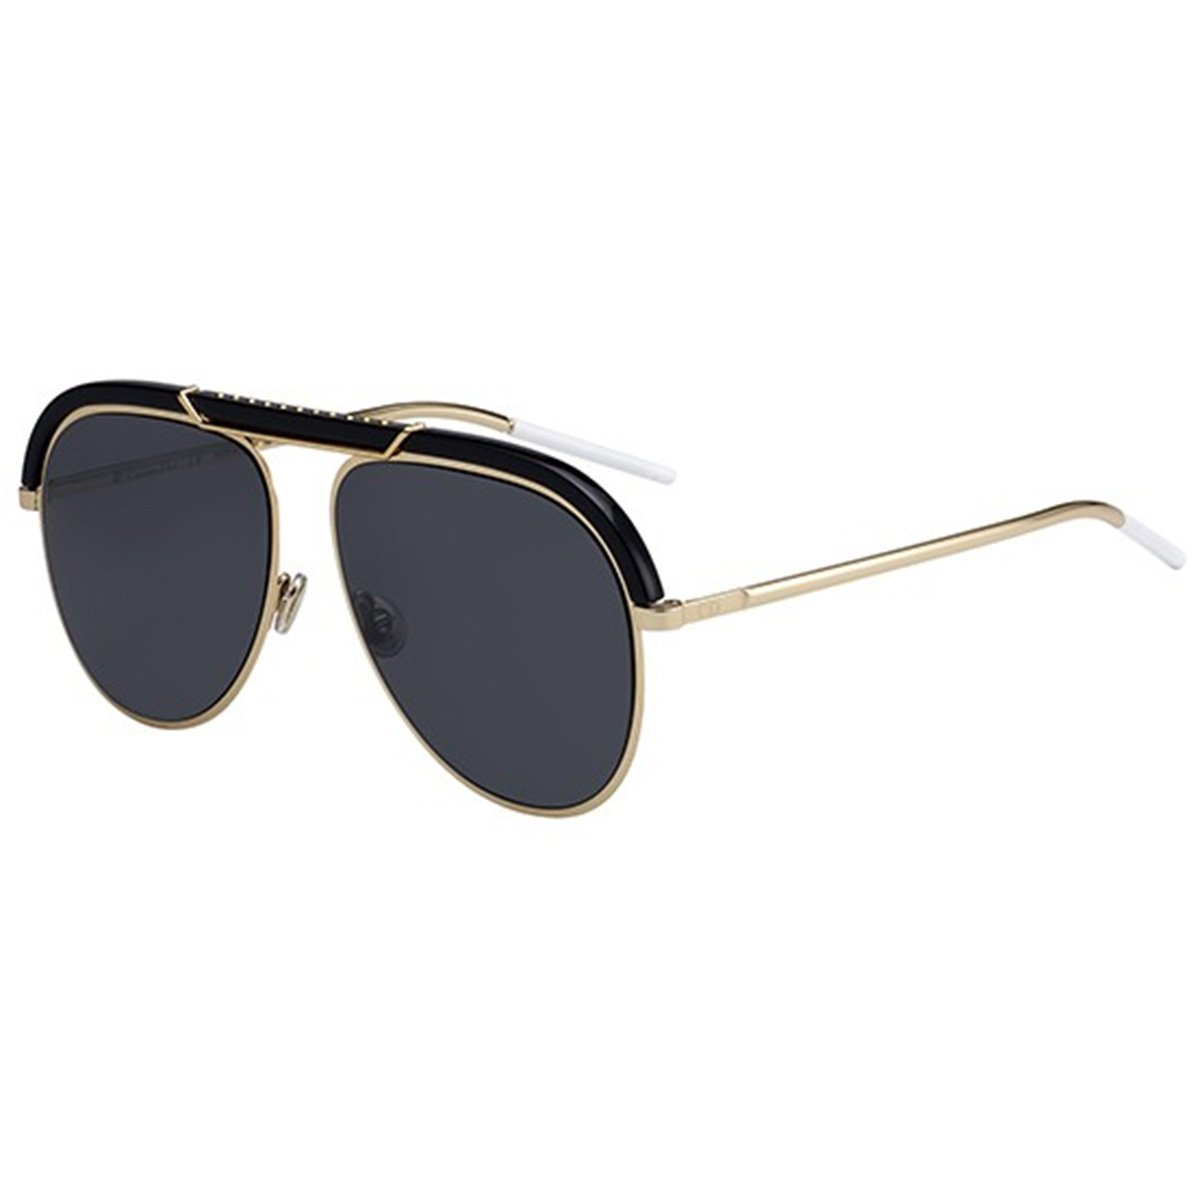 5a74711b1 Compre Óculos de Sol Dior Desertic em 10X | Tri-Jóia Shop